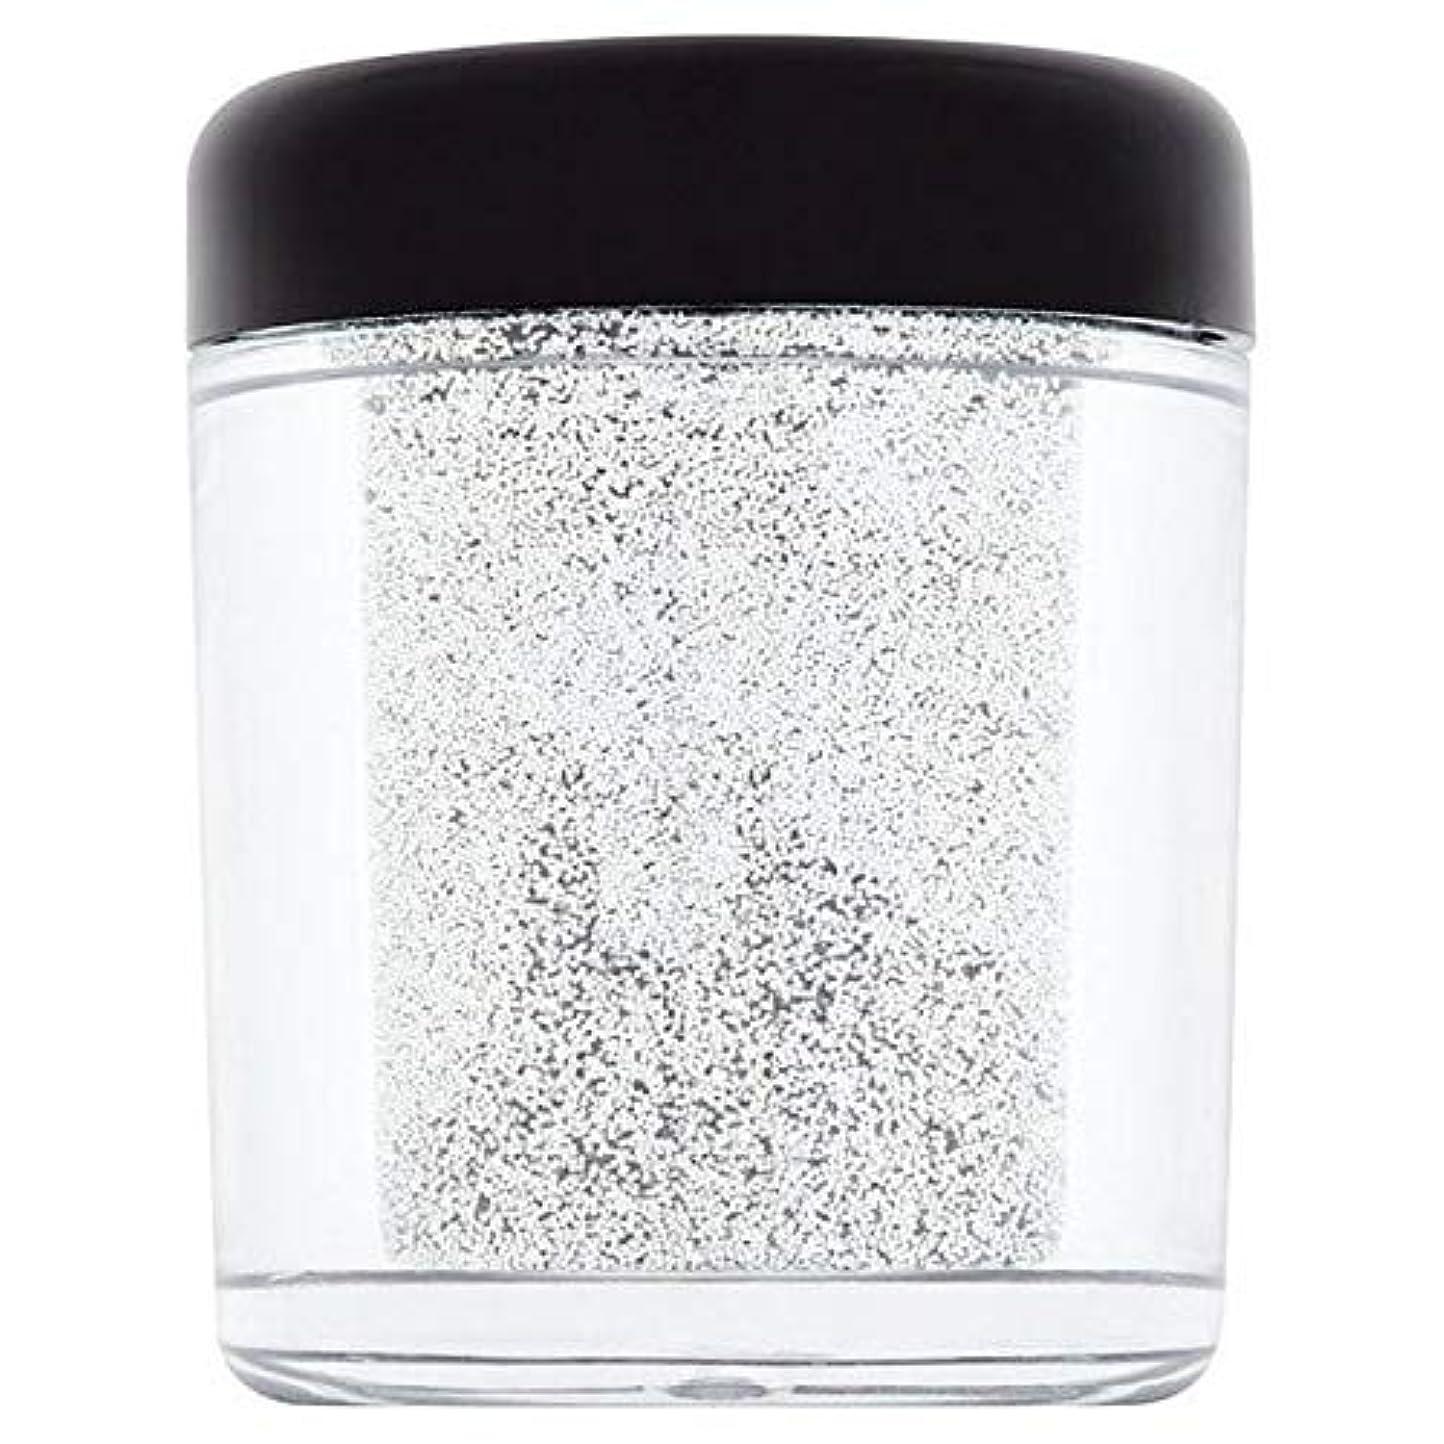 器用ホーム反対した[Collection ] 天使2を回収グラムの結晶は、フェイス&ボディの輝きが落ち - Collection Glam Crystals Face & Body Glitter Fallen Angel 2 [並行輸入品]